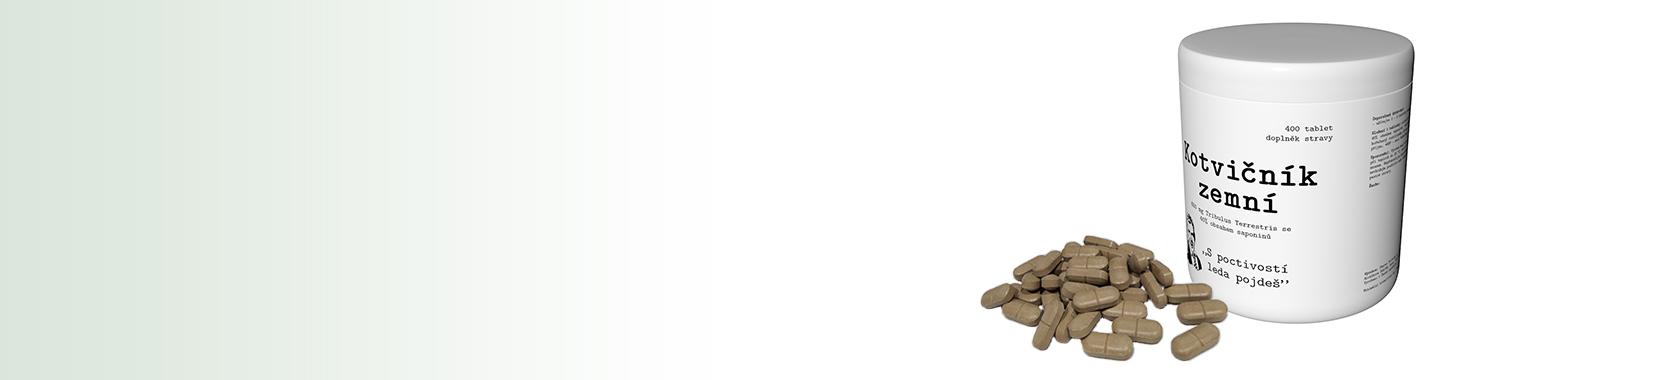 Kotvičník zemní